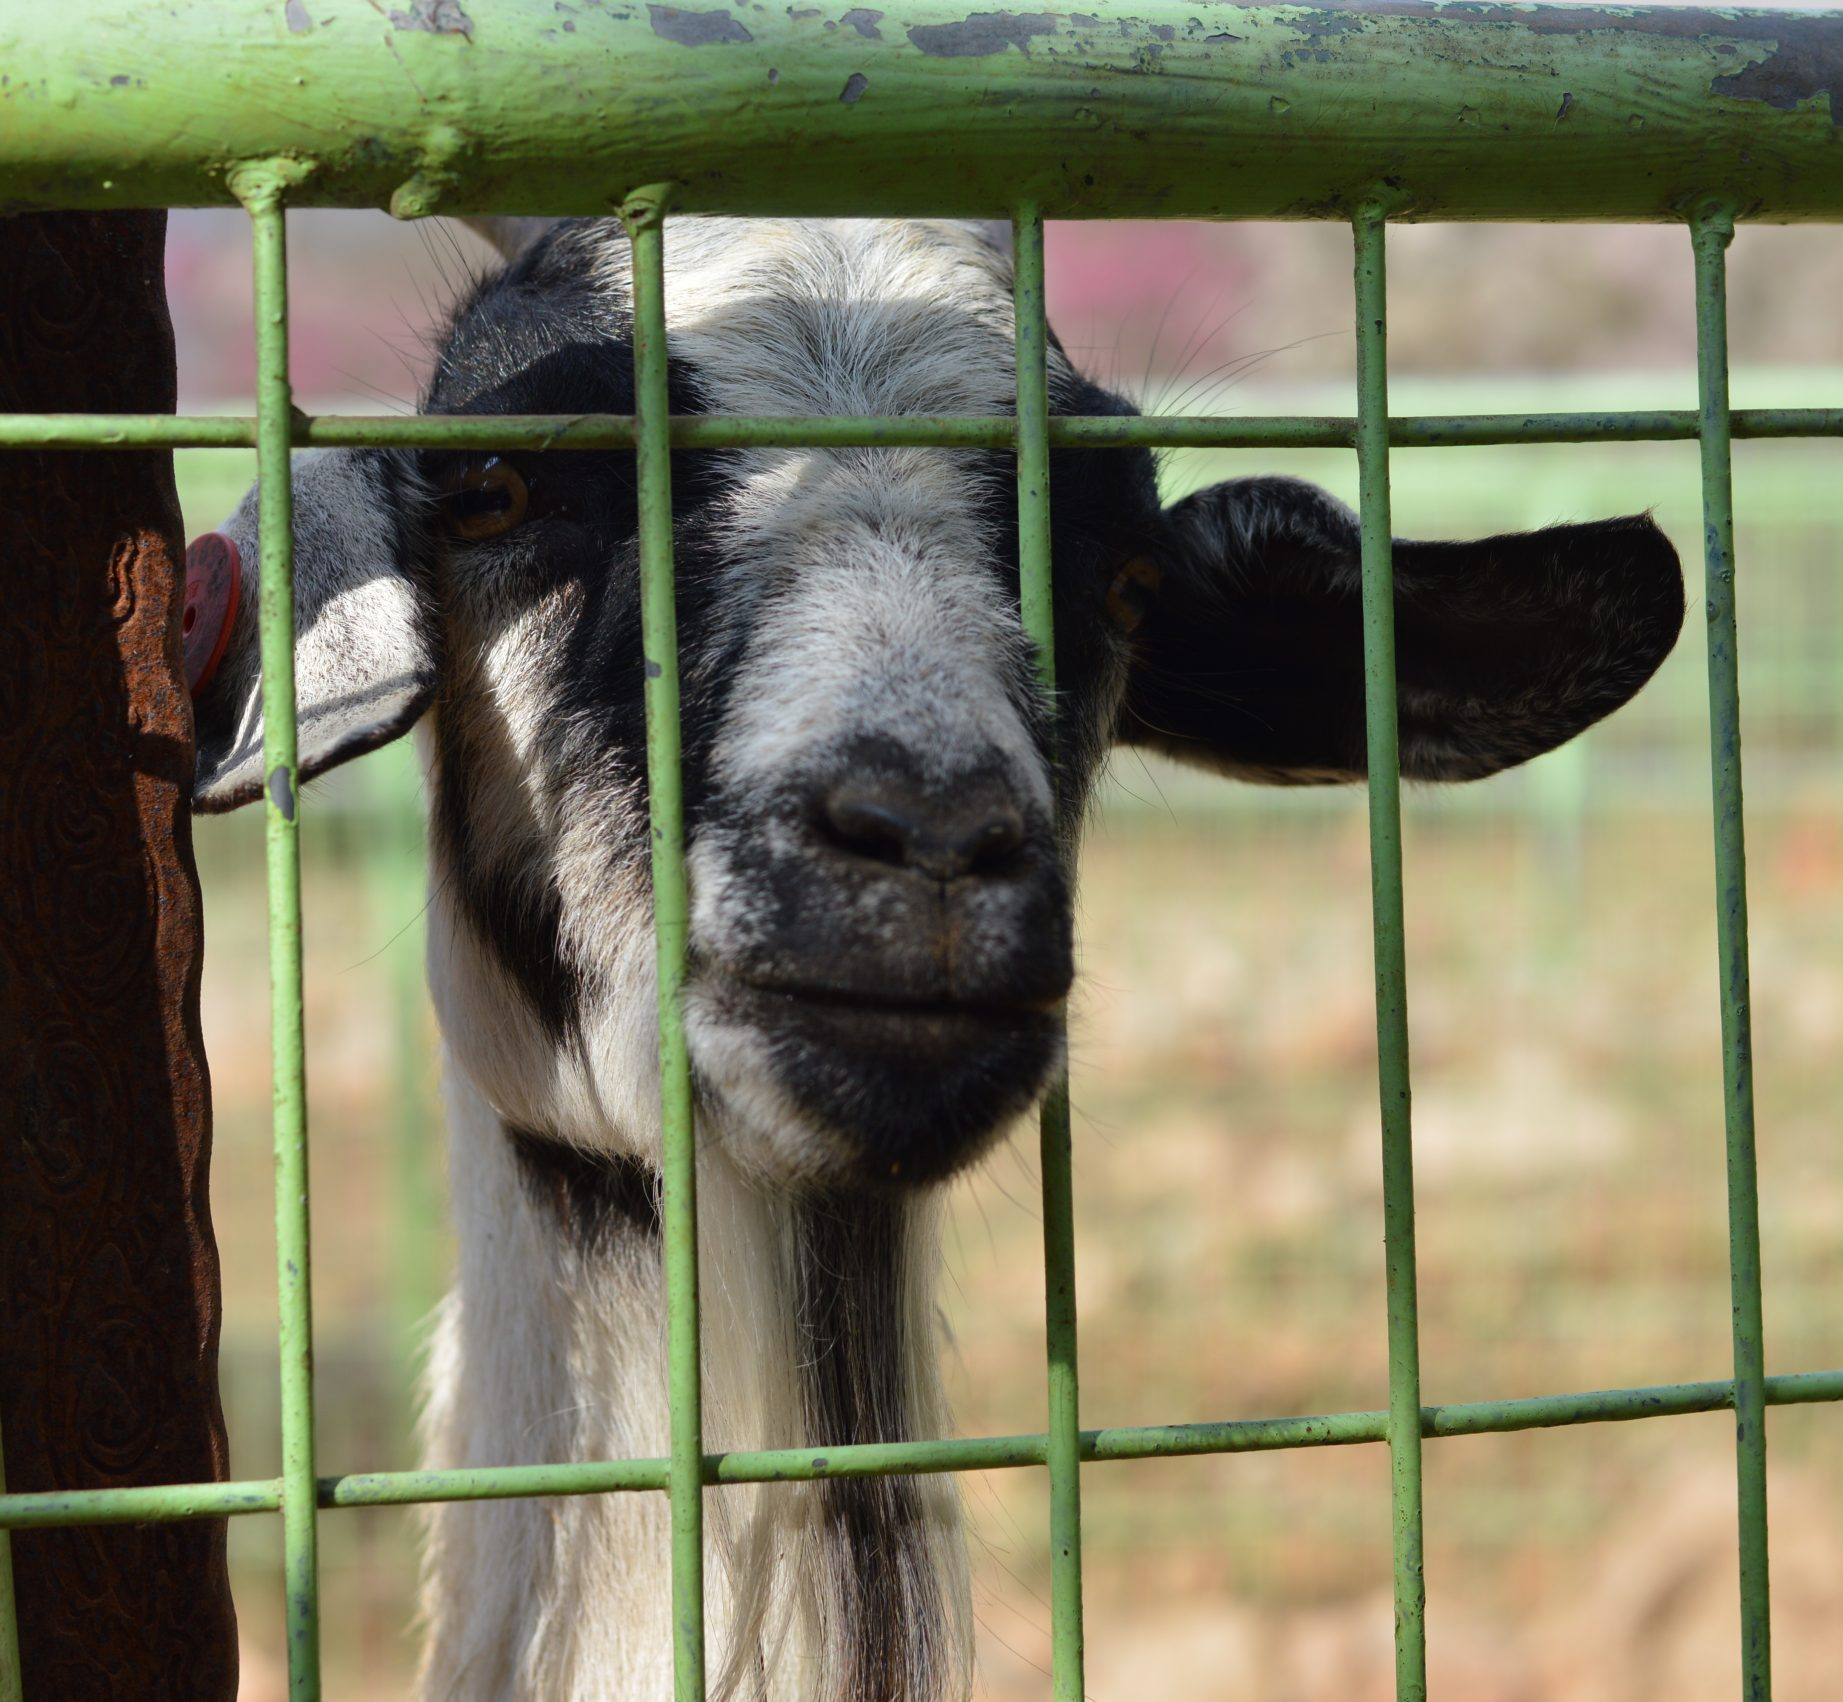 Sad goat in enclosure